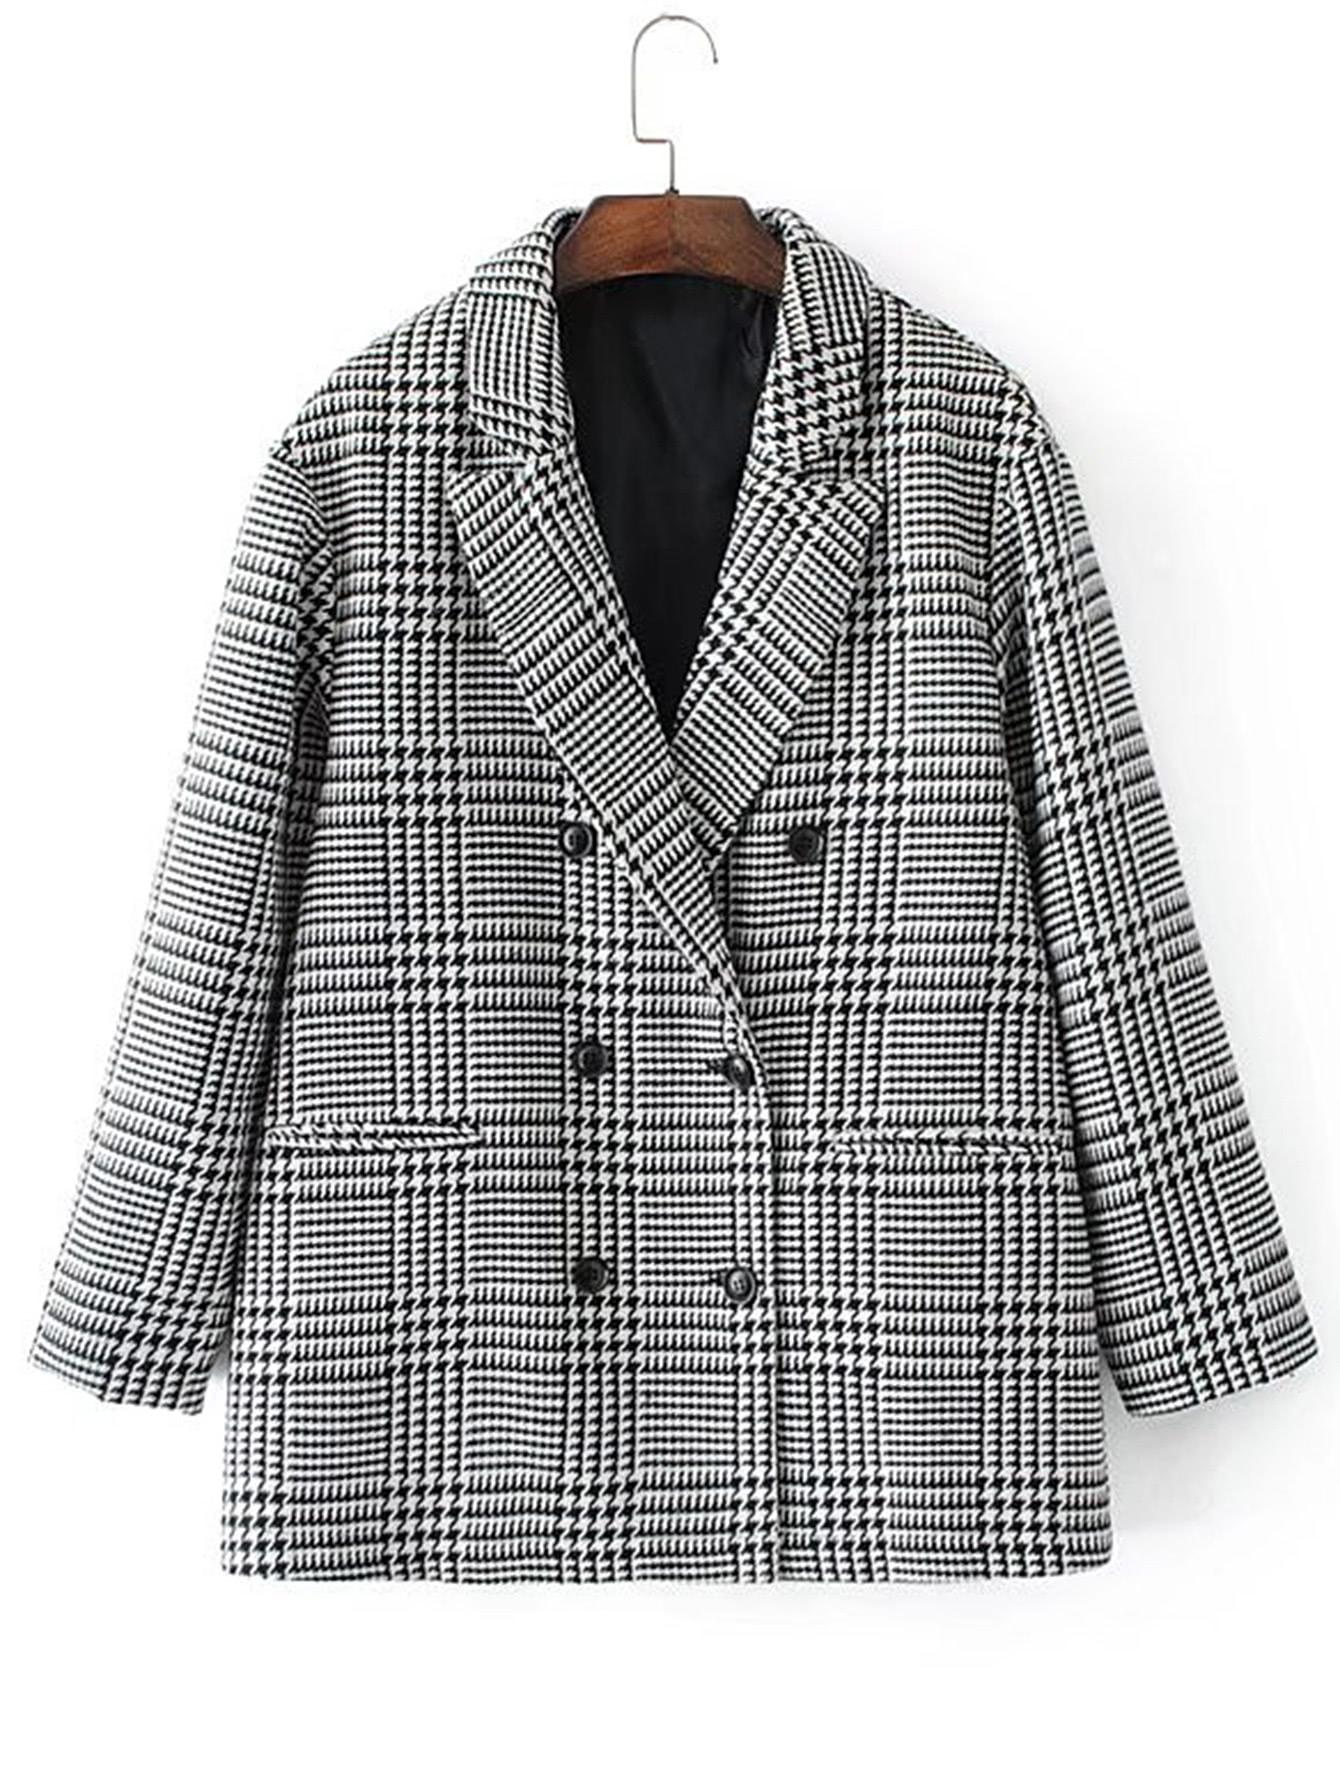 95039e85a4ff3e Affordable Fashion Finds  Romwe — Pastiche.today